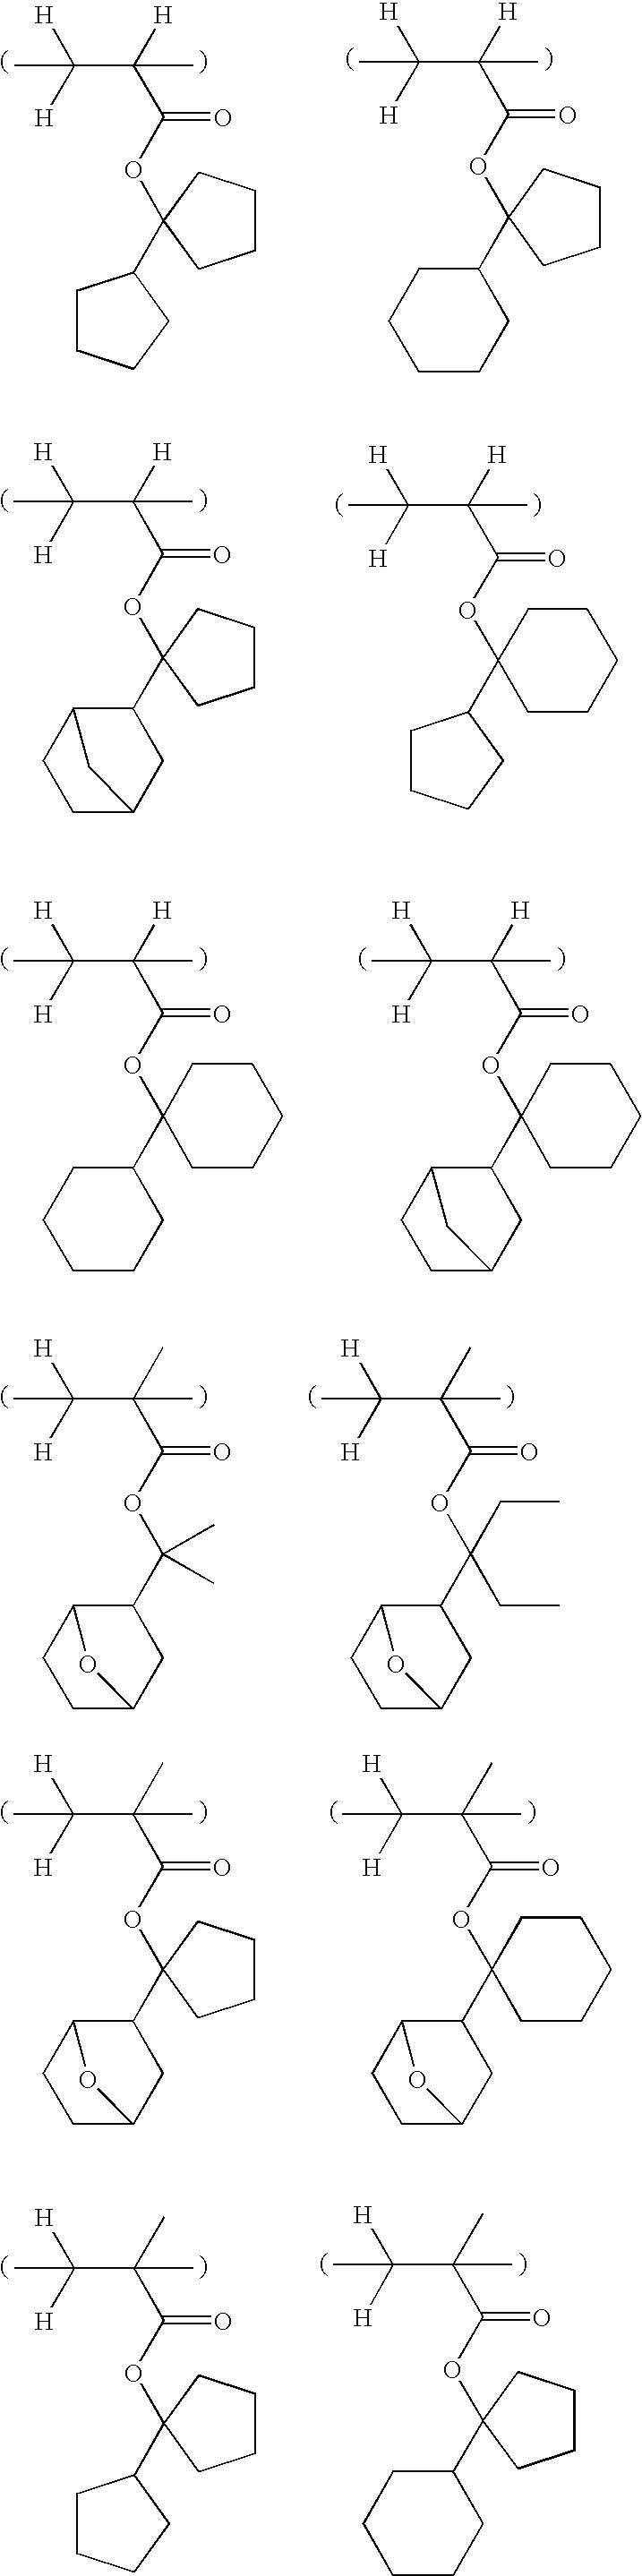 Figure US07537880-20090526-C00049